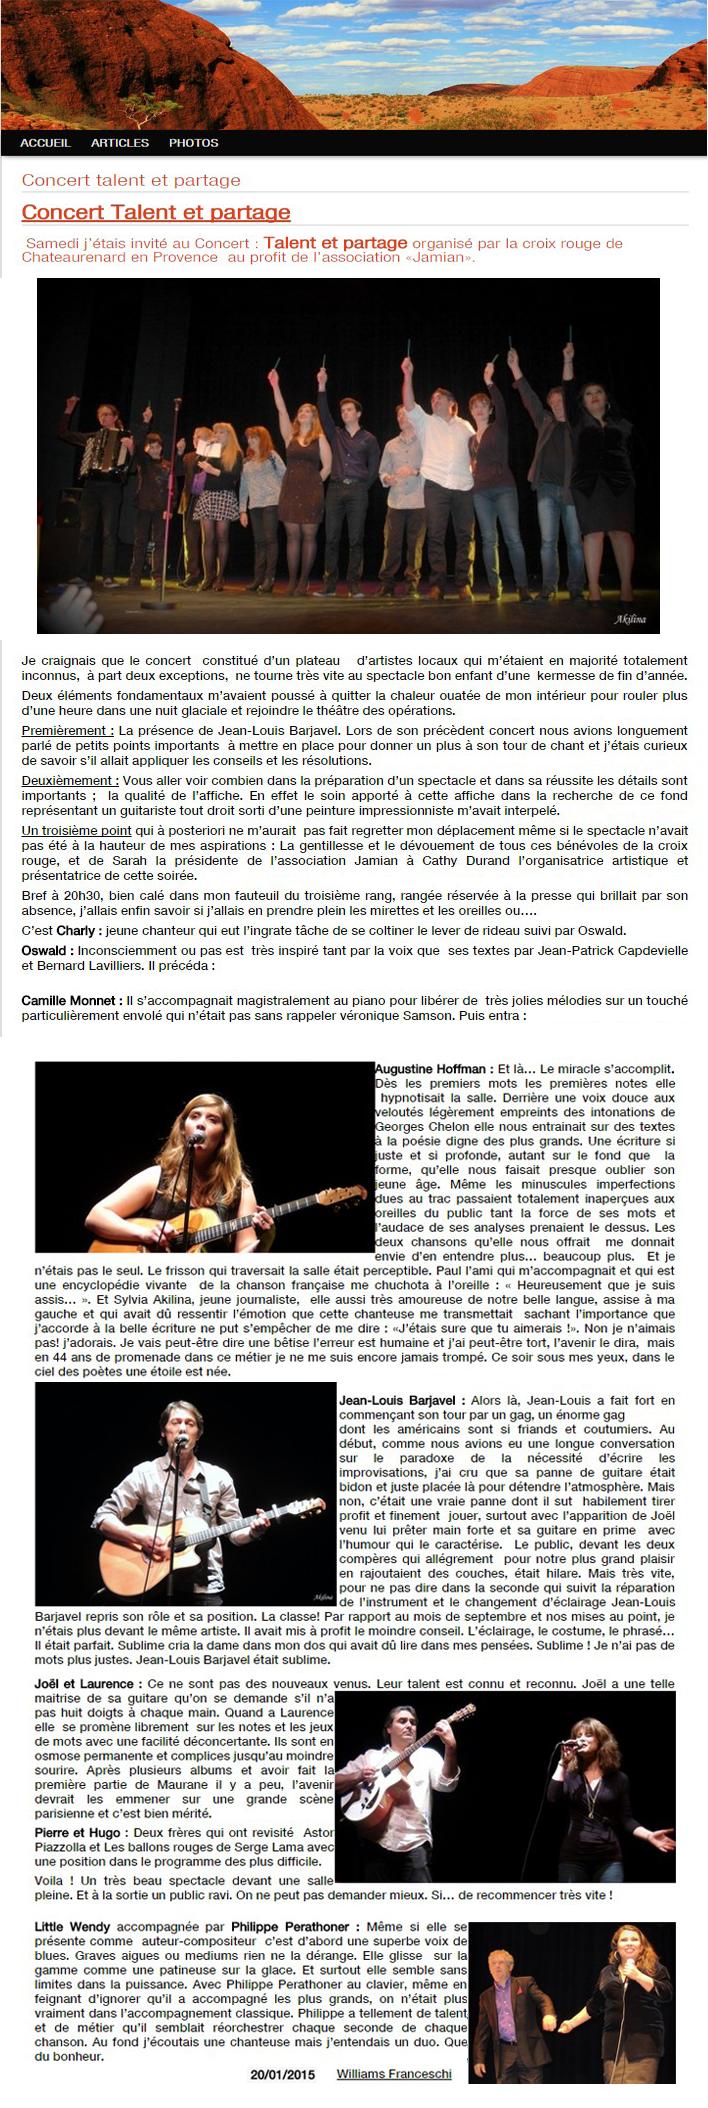 Presse, concert Talents & Partage